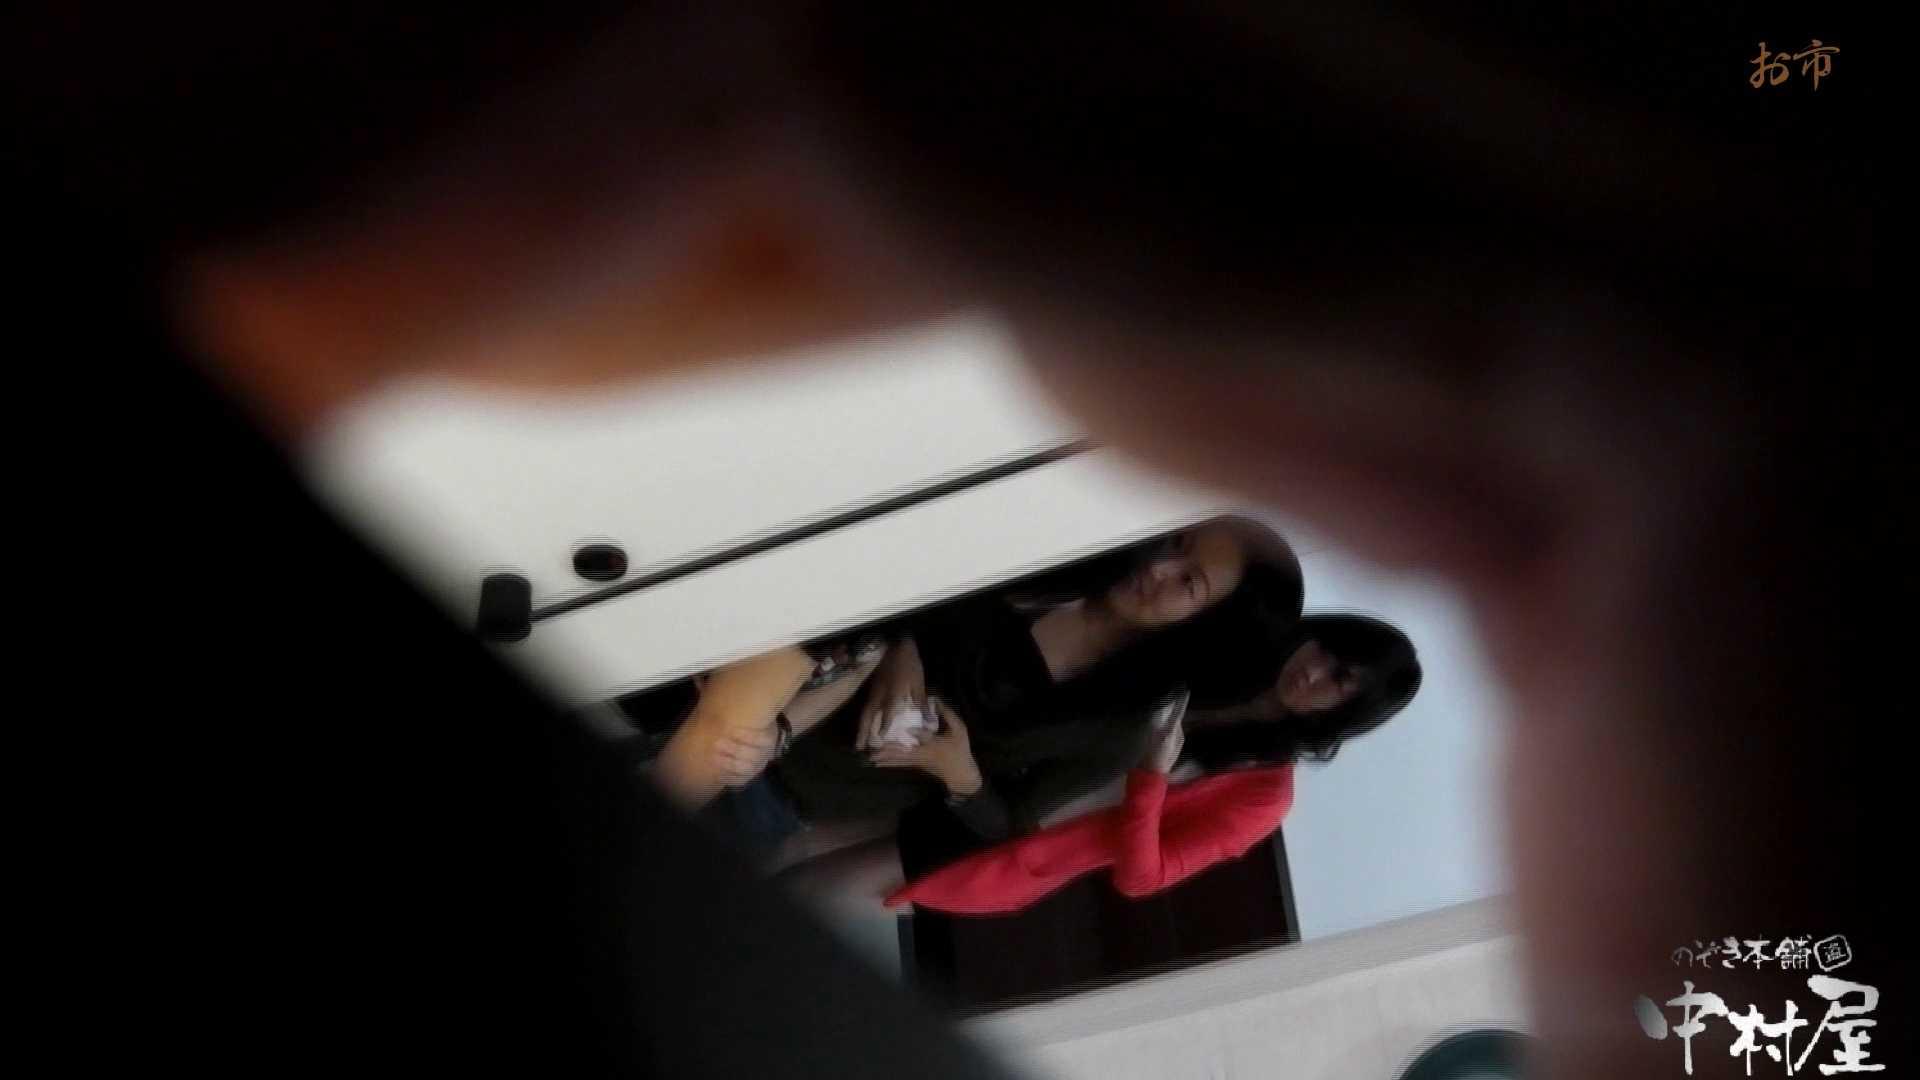 お市さんの「お尻丸出しジャンボリー」No.15 黒人ヌード おまんこ動画流出 107PIX 87